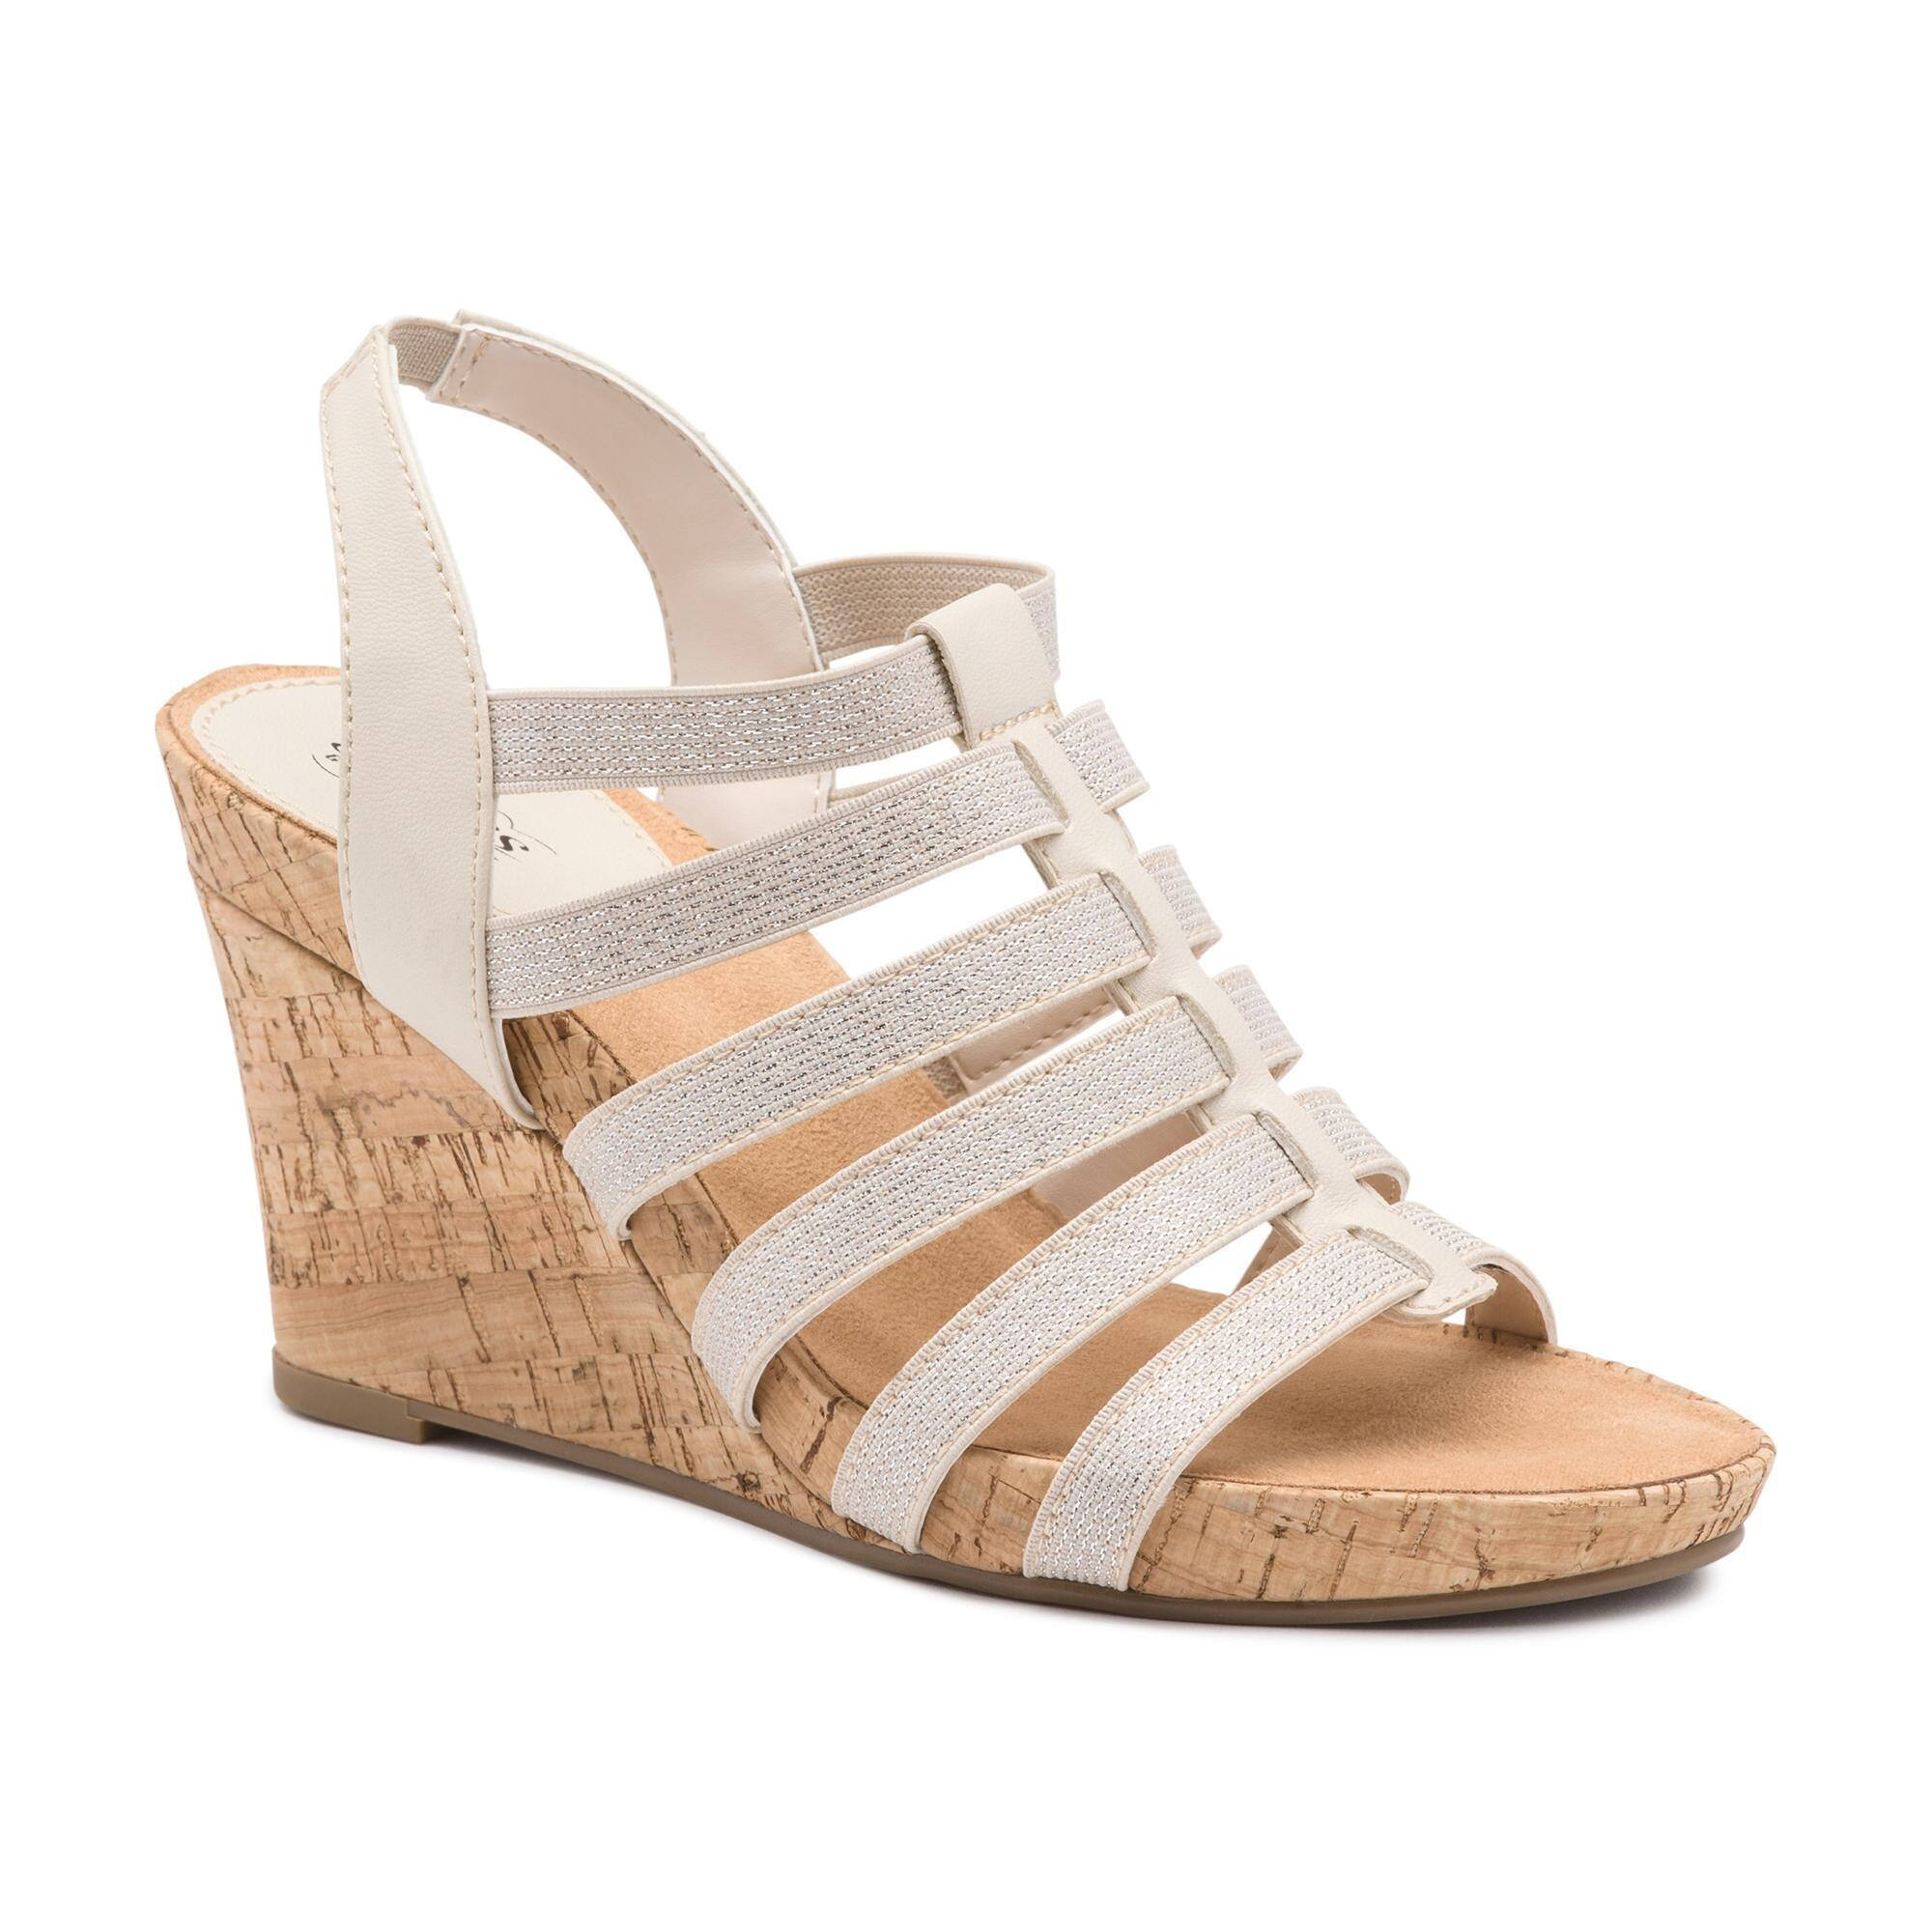 comfortable sandals for heels wedge buy to comfort comforter cute image best